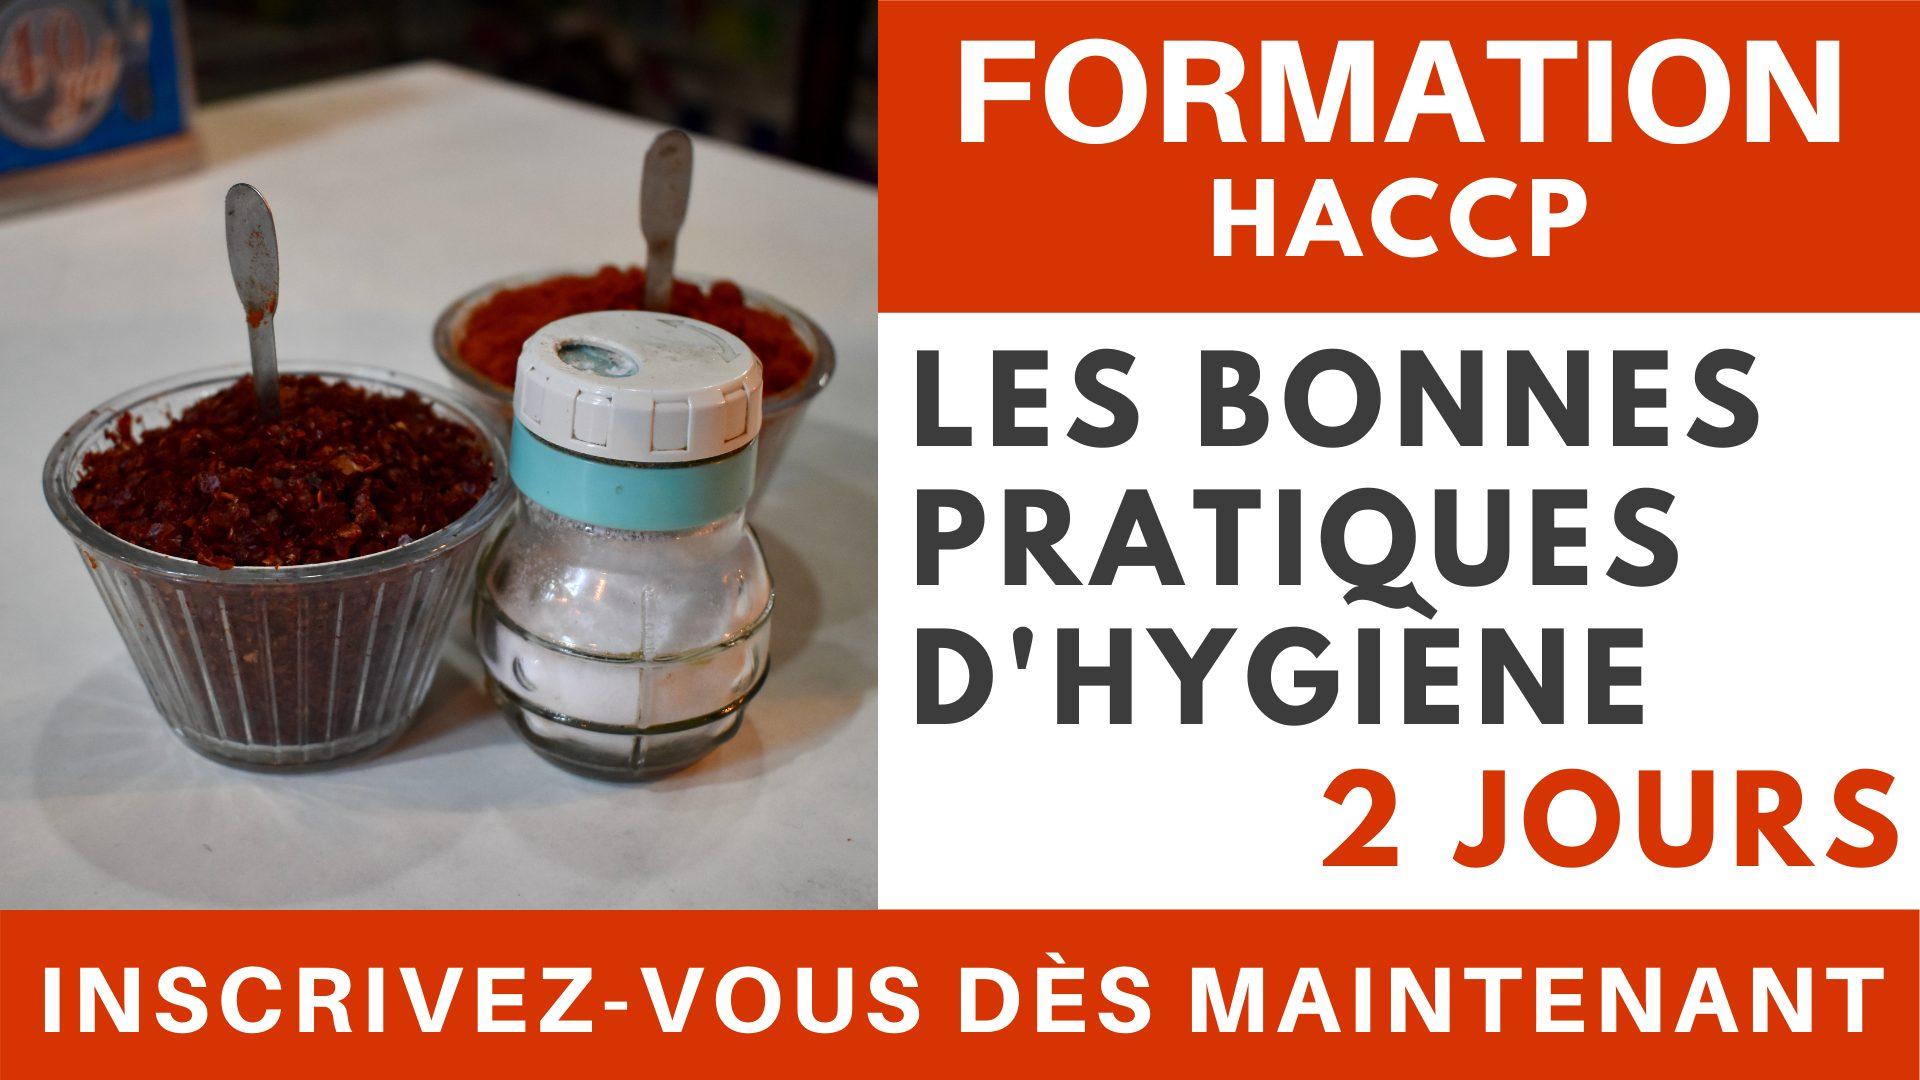 Formation HACCP - Les bonnes pratiques d'hygiène 2 jours